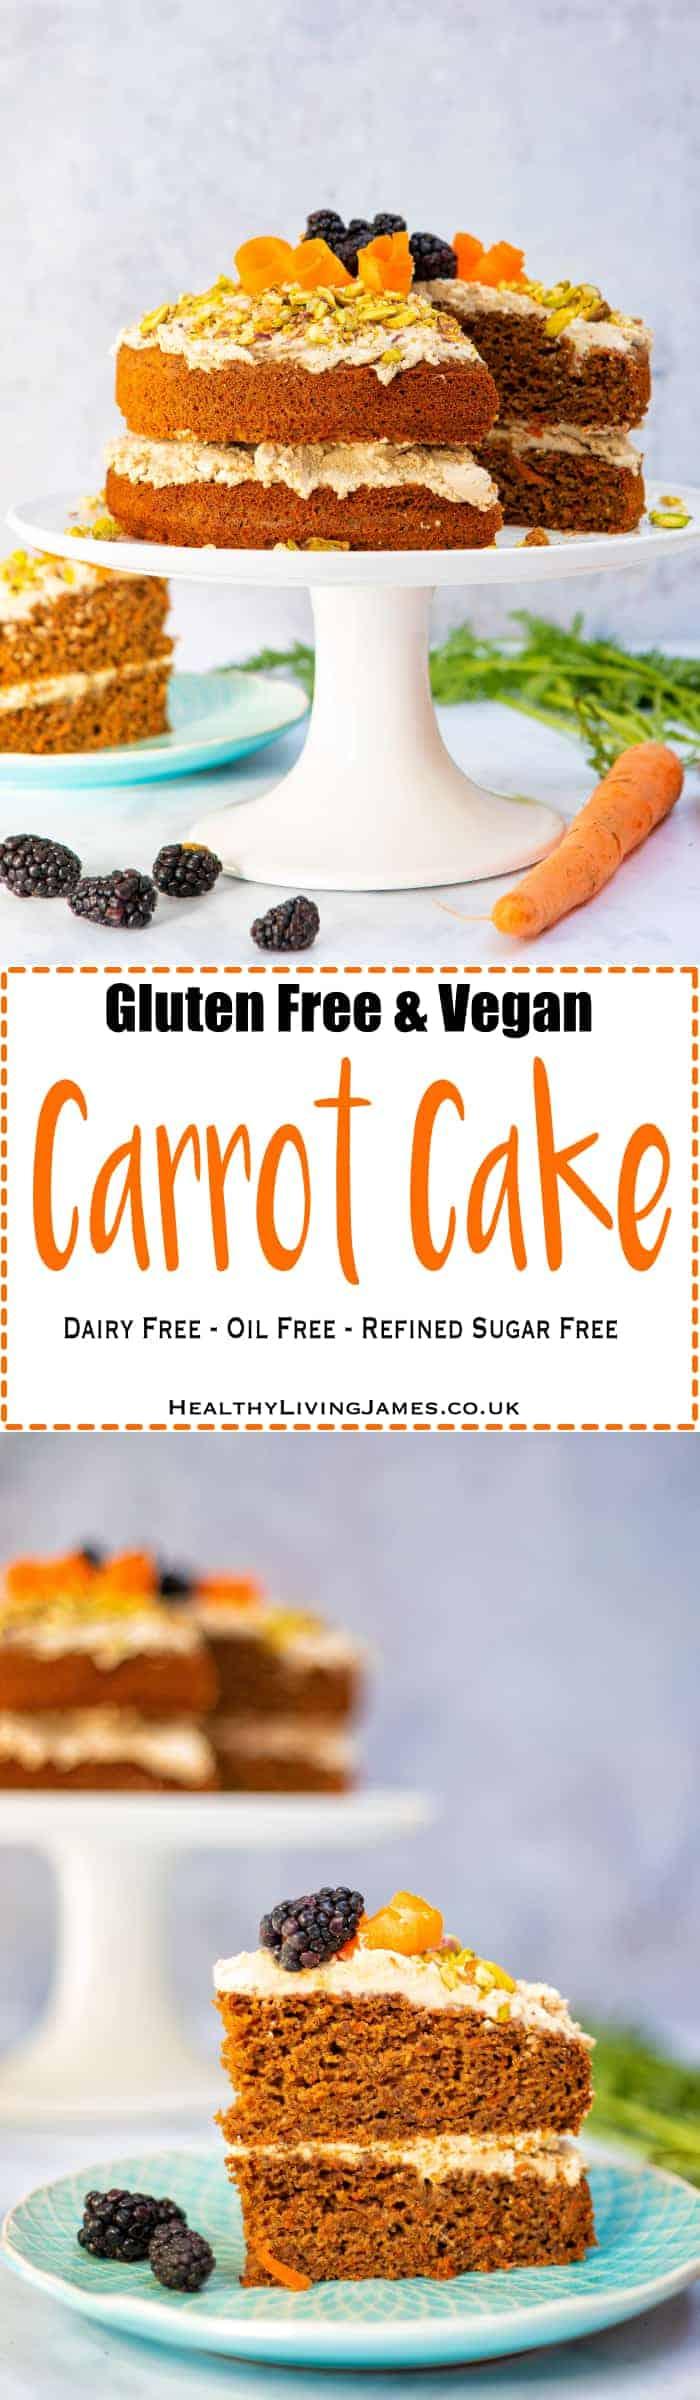 Gluten Fre & Vegan Carrot Cake